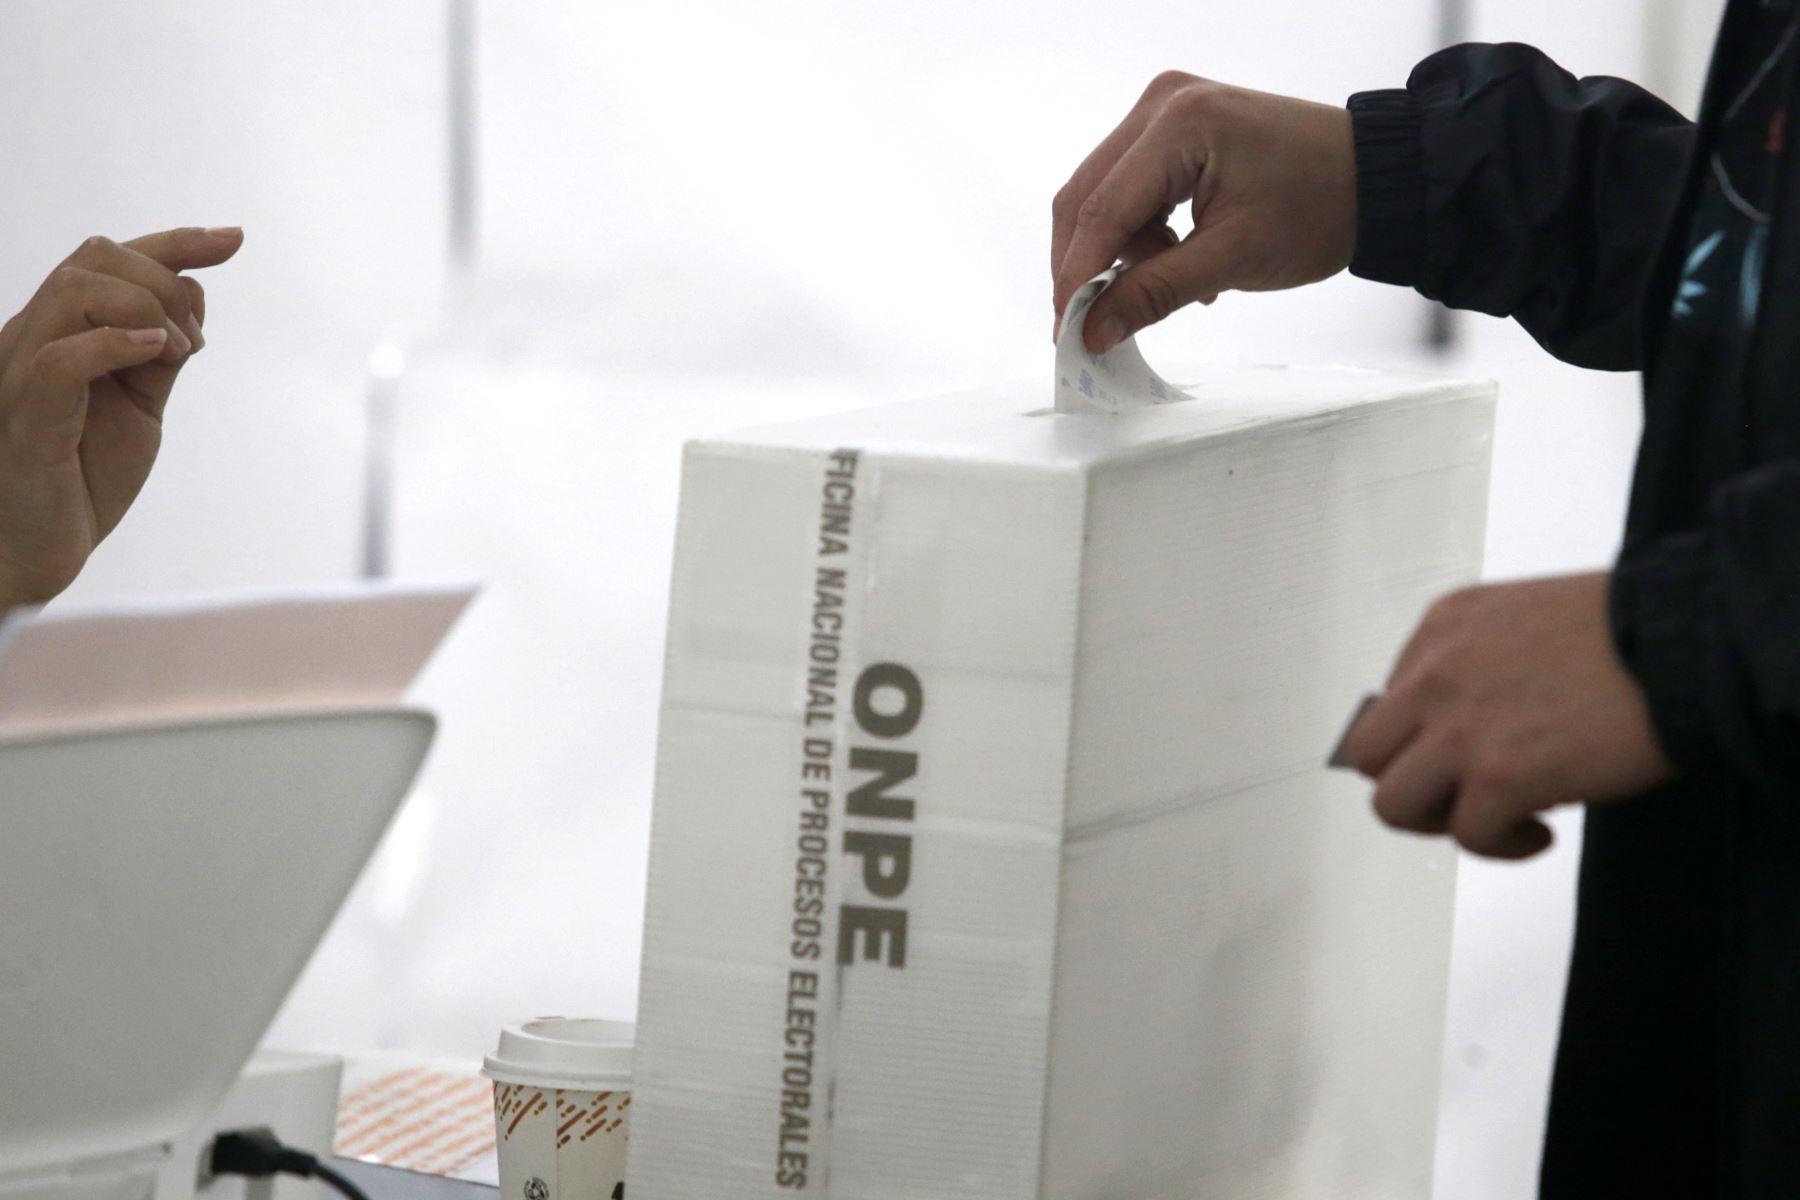 En 15 departamentos del país se definiría en segunda vuelta al ganador de la elección a la gobernación regional, en vista que los candidatos no alcanzaron el 30% de los votos, tal como lo exige la Ley de Elecciones Regionales vigente, según la encuesta a boca de urna realizada por la encuestadora Ipsos Perú. ANDINA/Melina Mejía